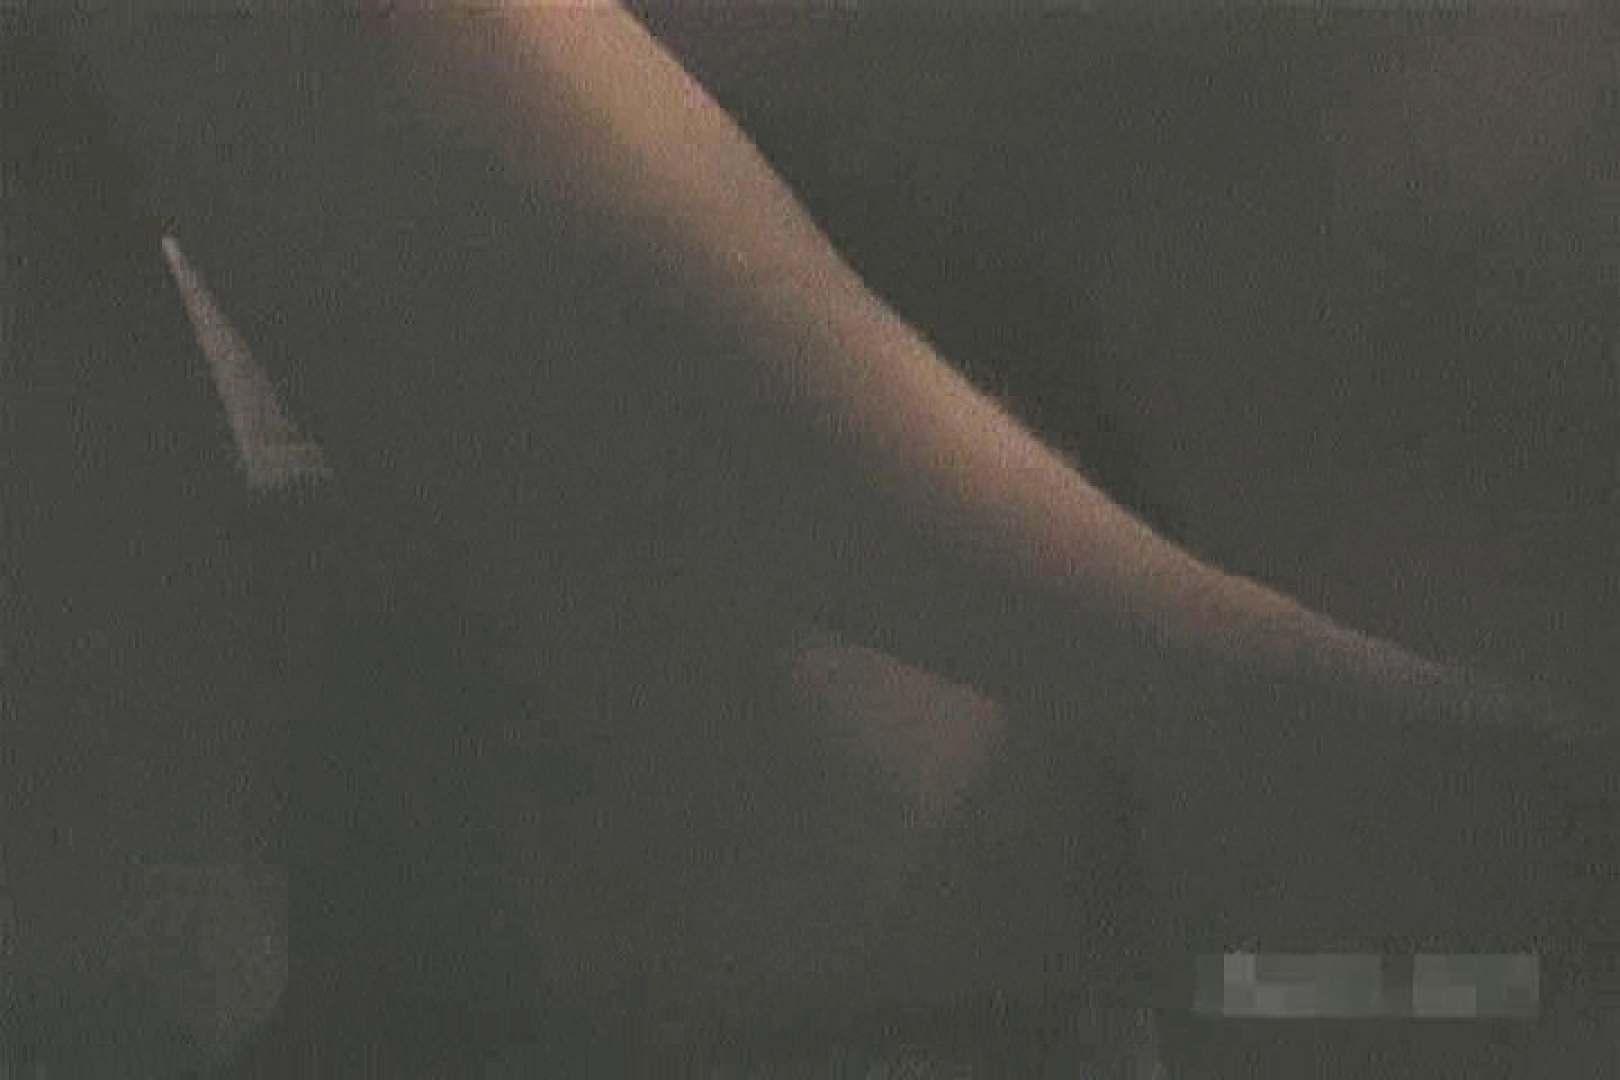 全裸で発情!!家族風呂の実態Vol.2 カップル記念日 エロ画像 107連発 18